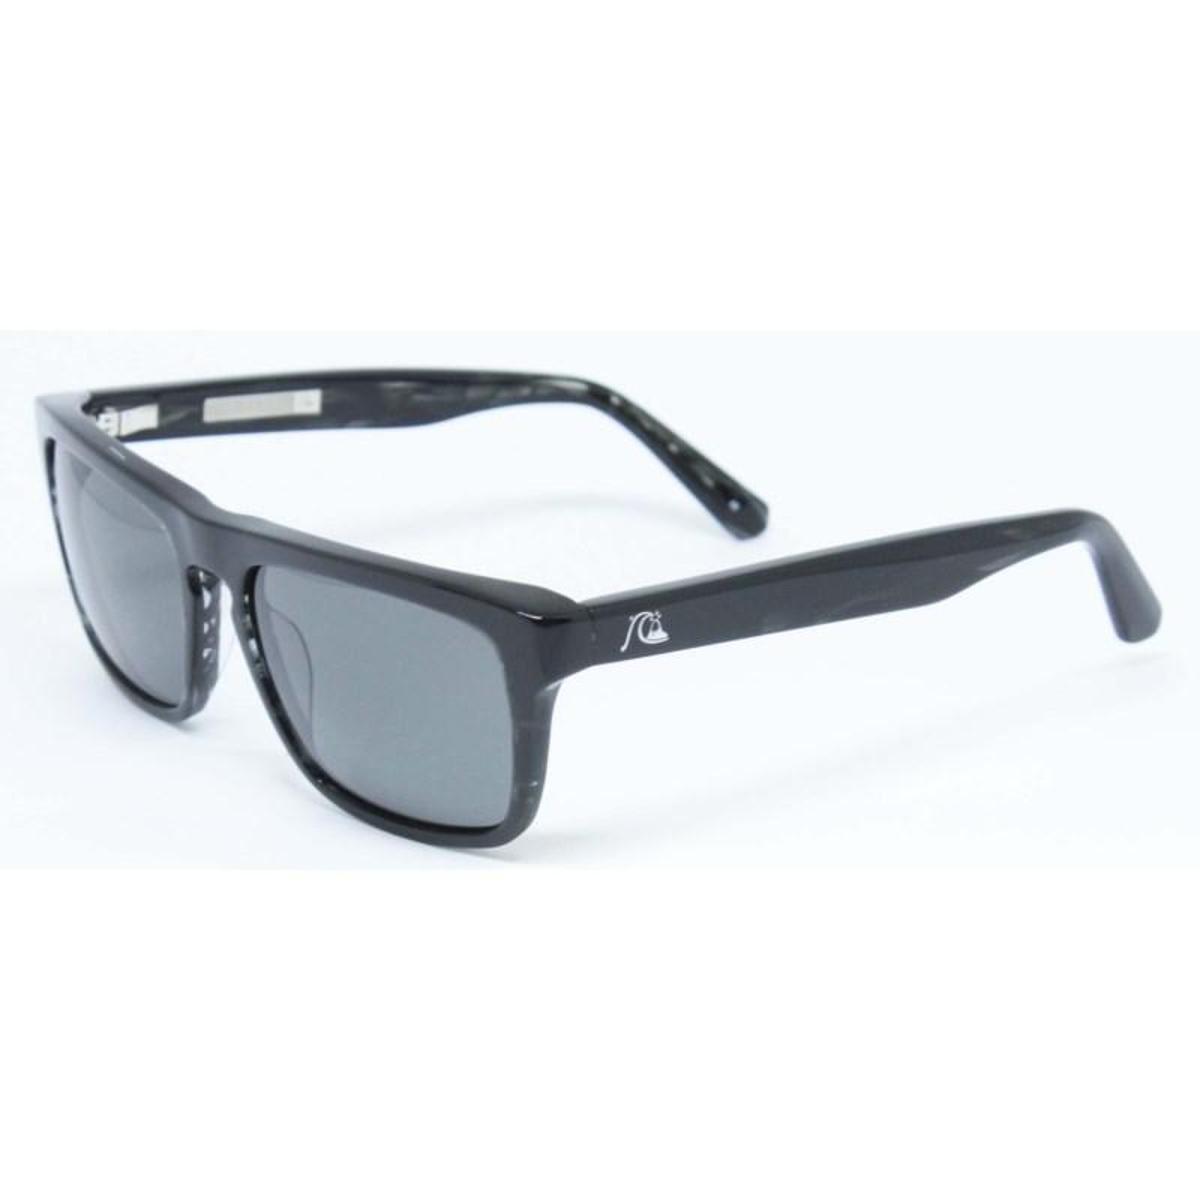 265ca26cb9886 Óculos De Sol Quiksilver The Ferris M.O Shiny - Preto - Compre Agora ...